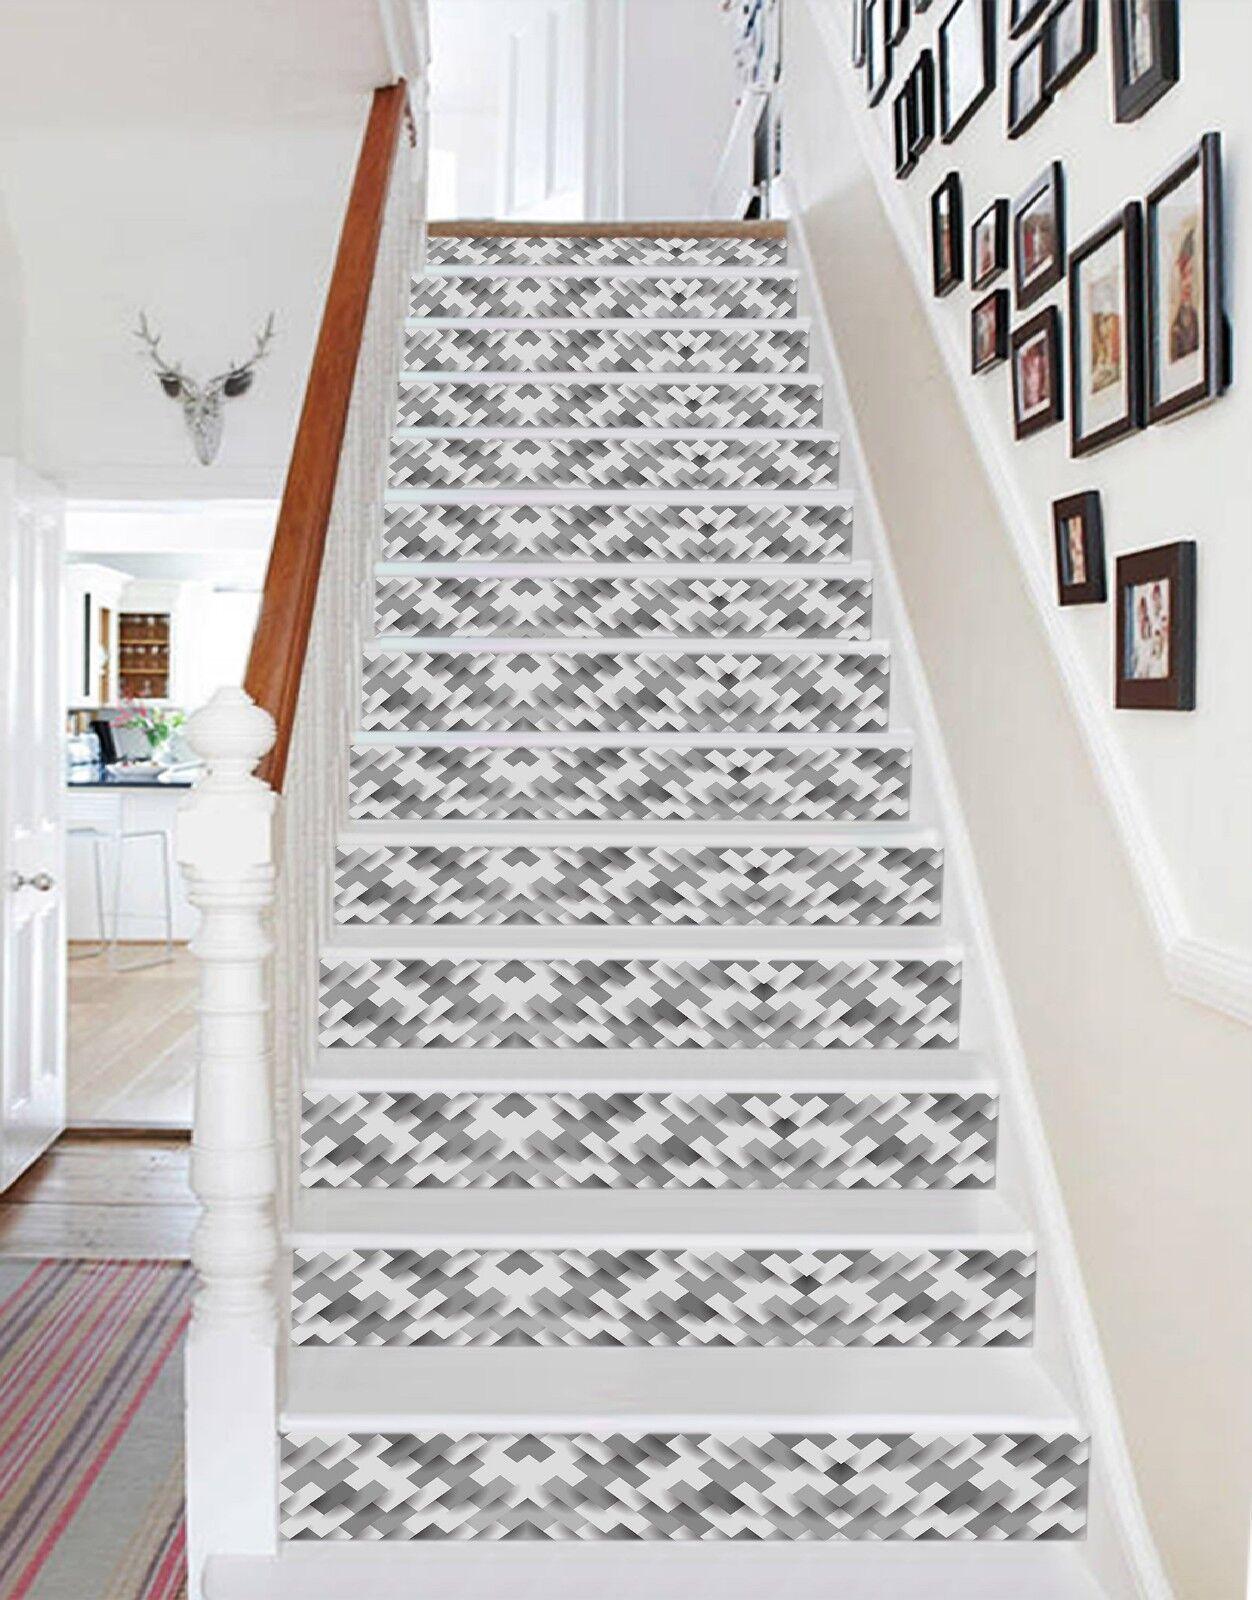 3D Fashion grau Weiß 1 Tile Marble Stair Riser Decoration Vinyl Wallpaper Mural